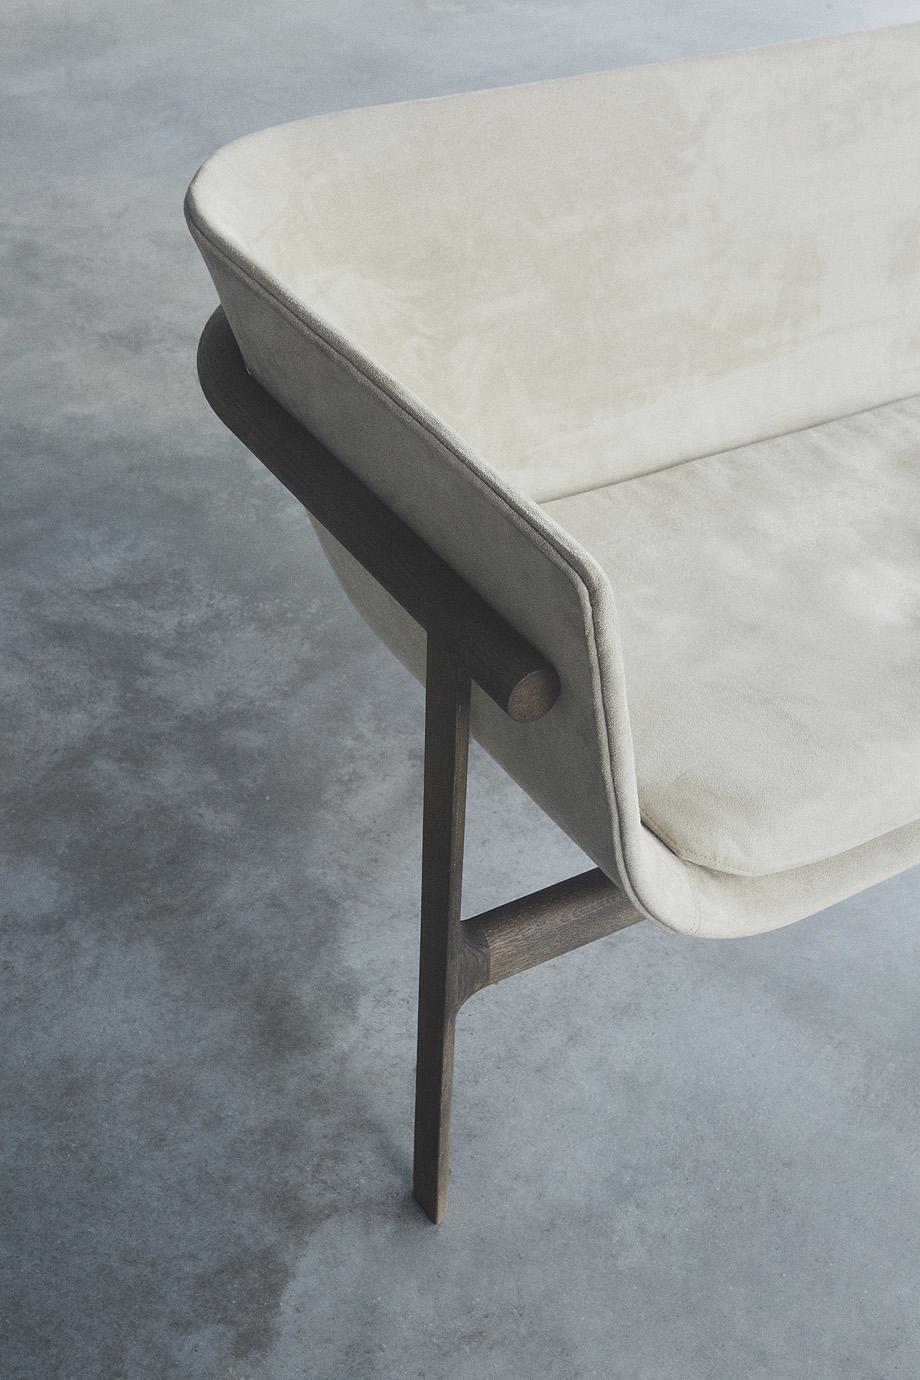 sofa tailor de rui alves para menu (4)